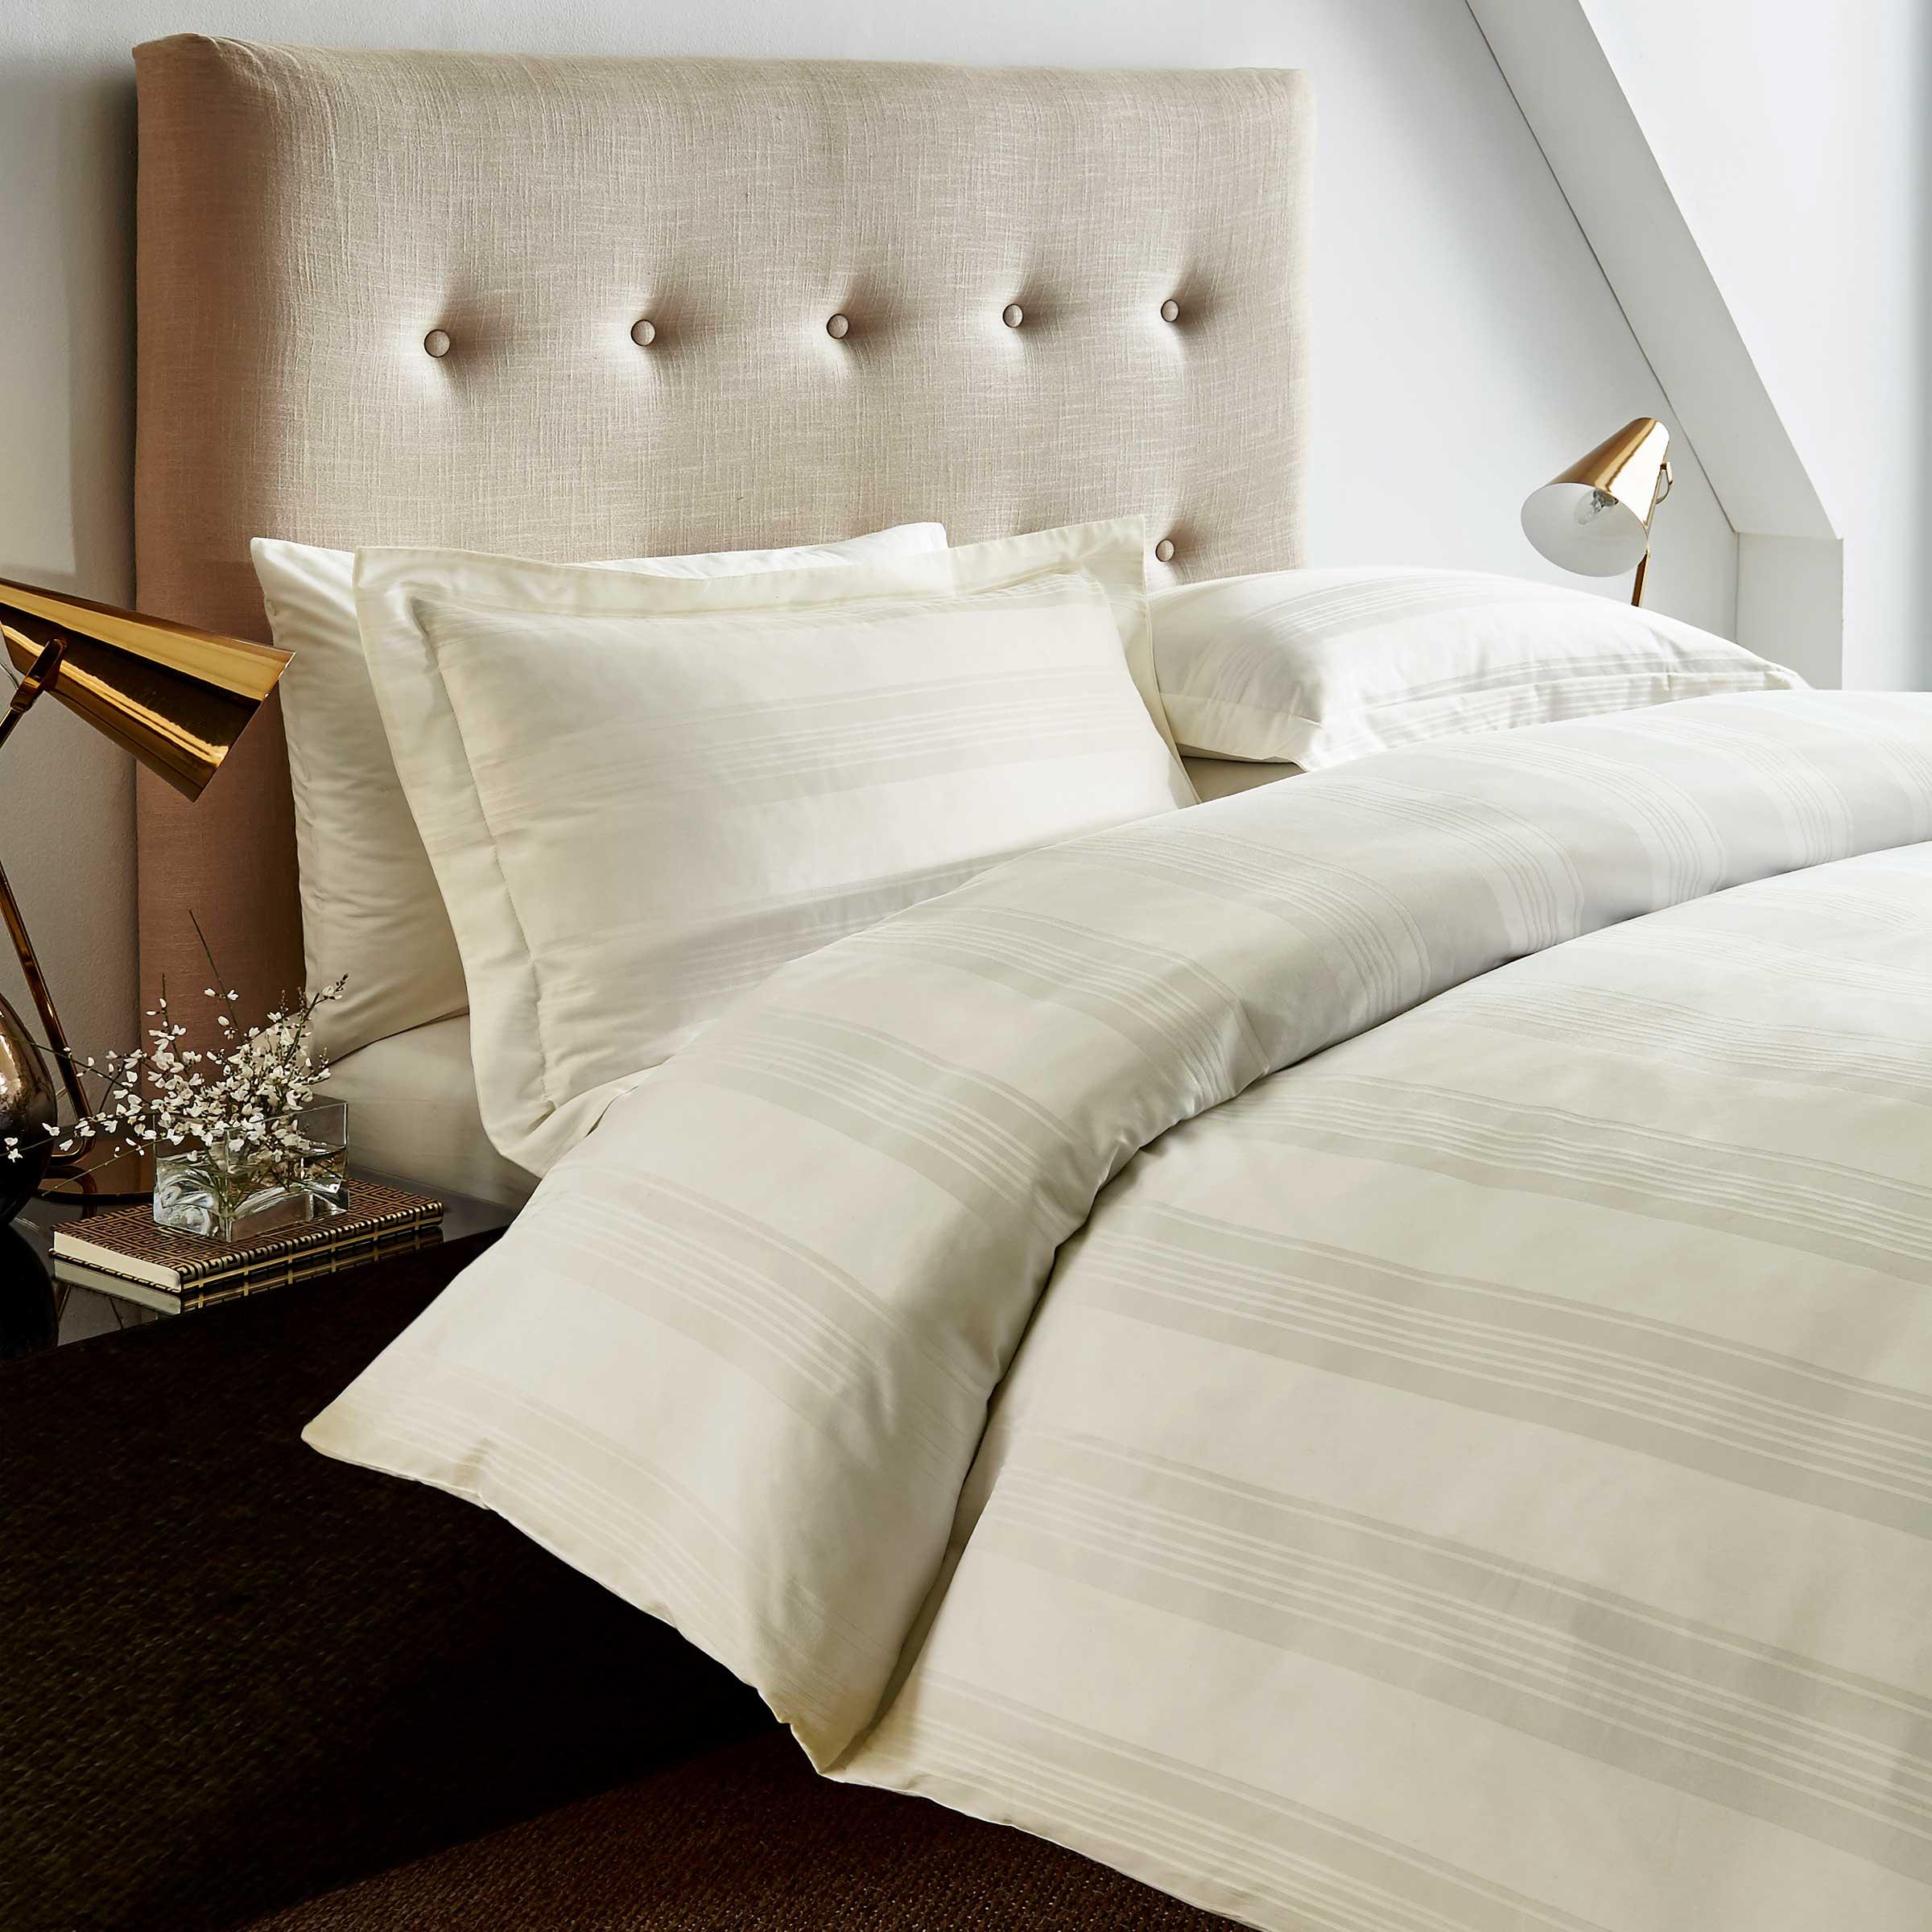 Hotel Bedding Empire Single Duvet Cover Ivory